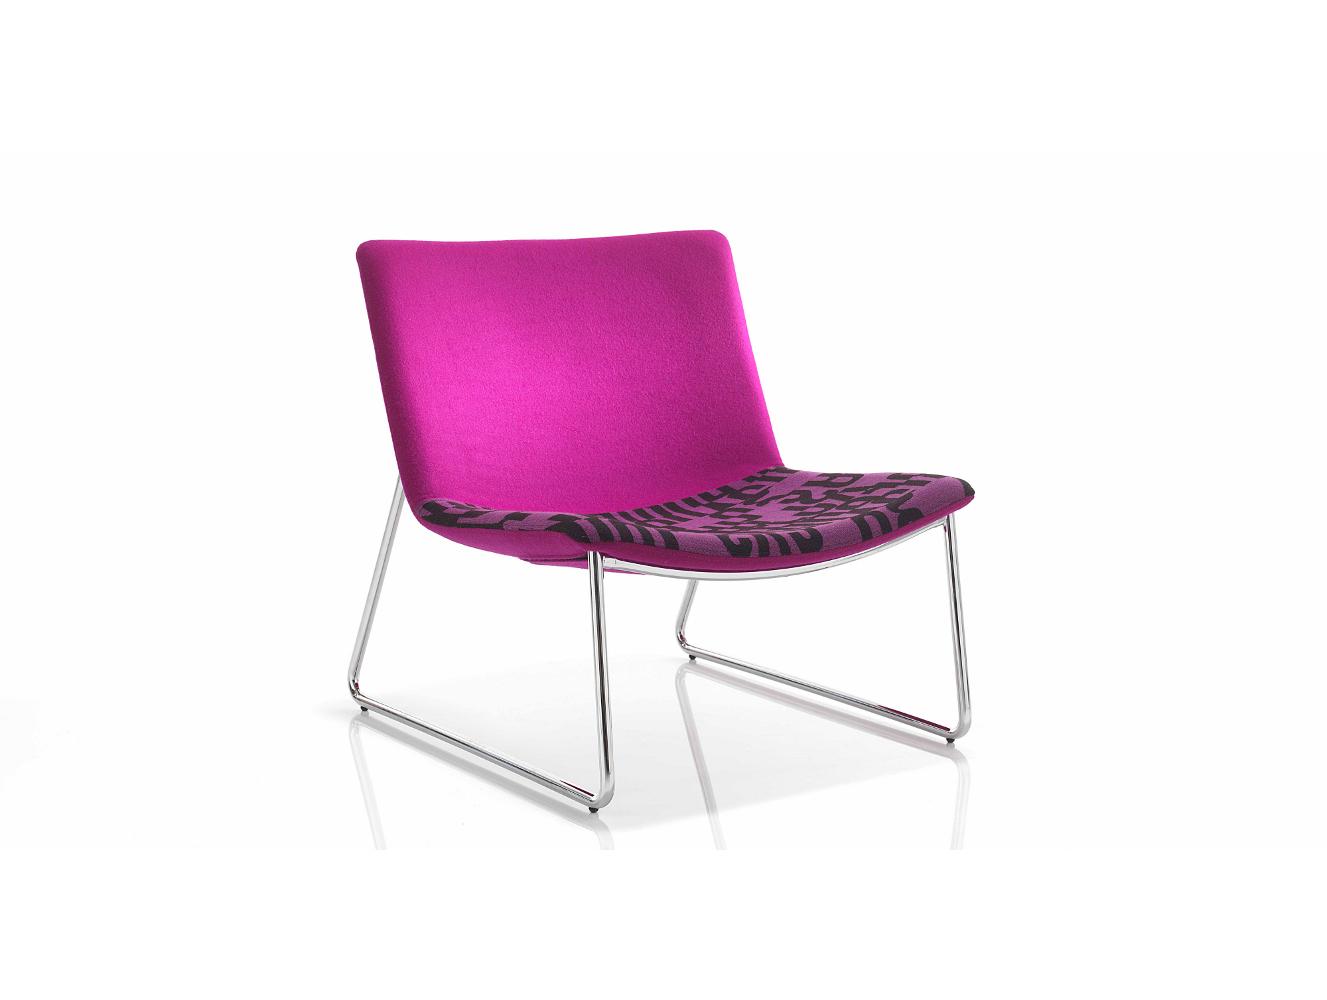 Drift Lounge Breakout Chair